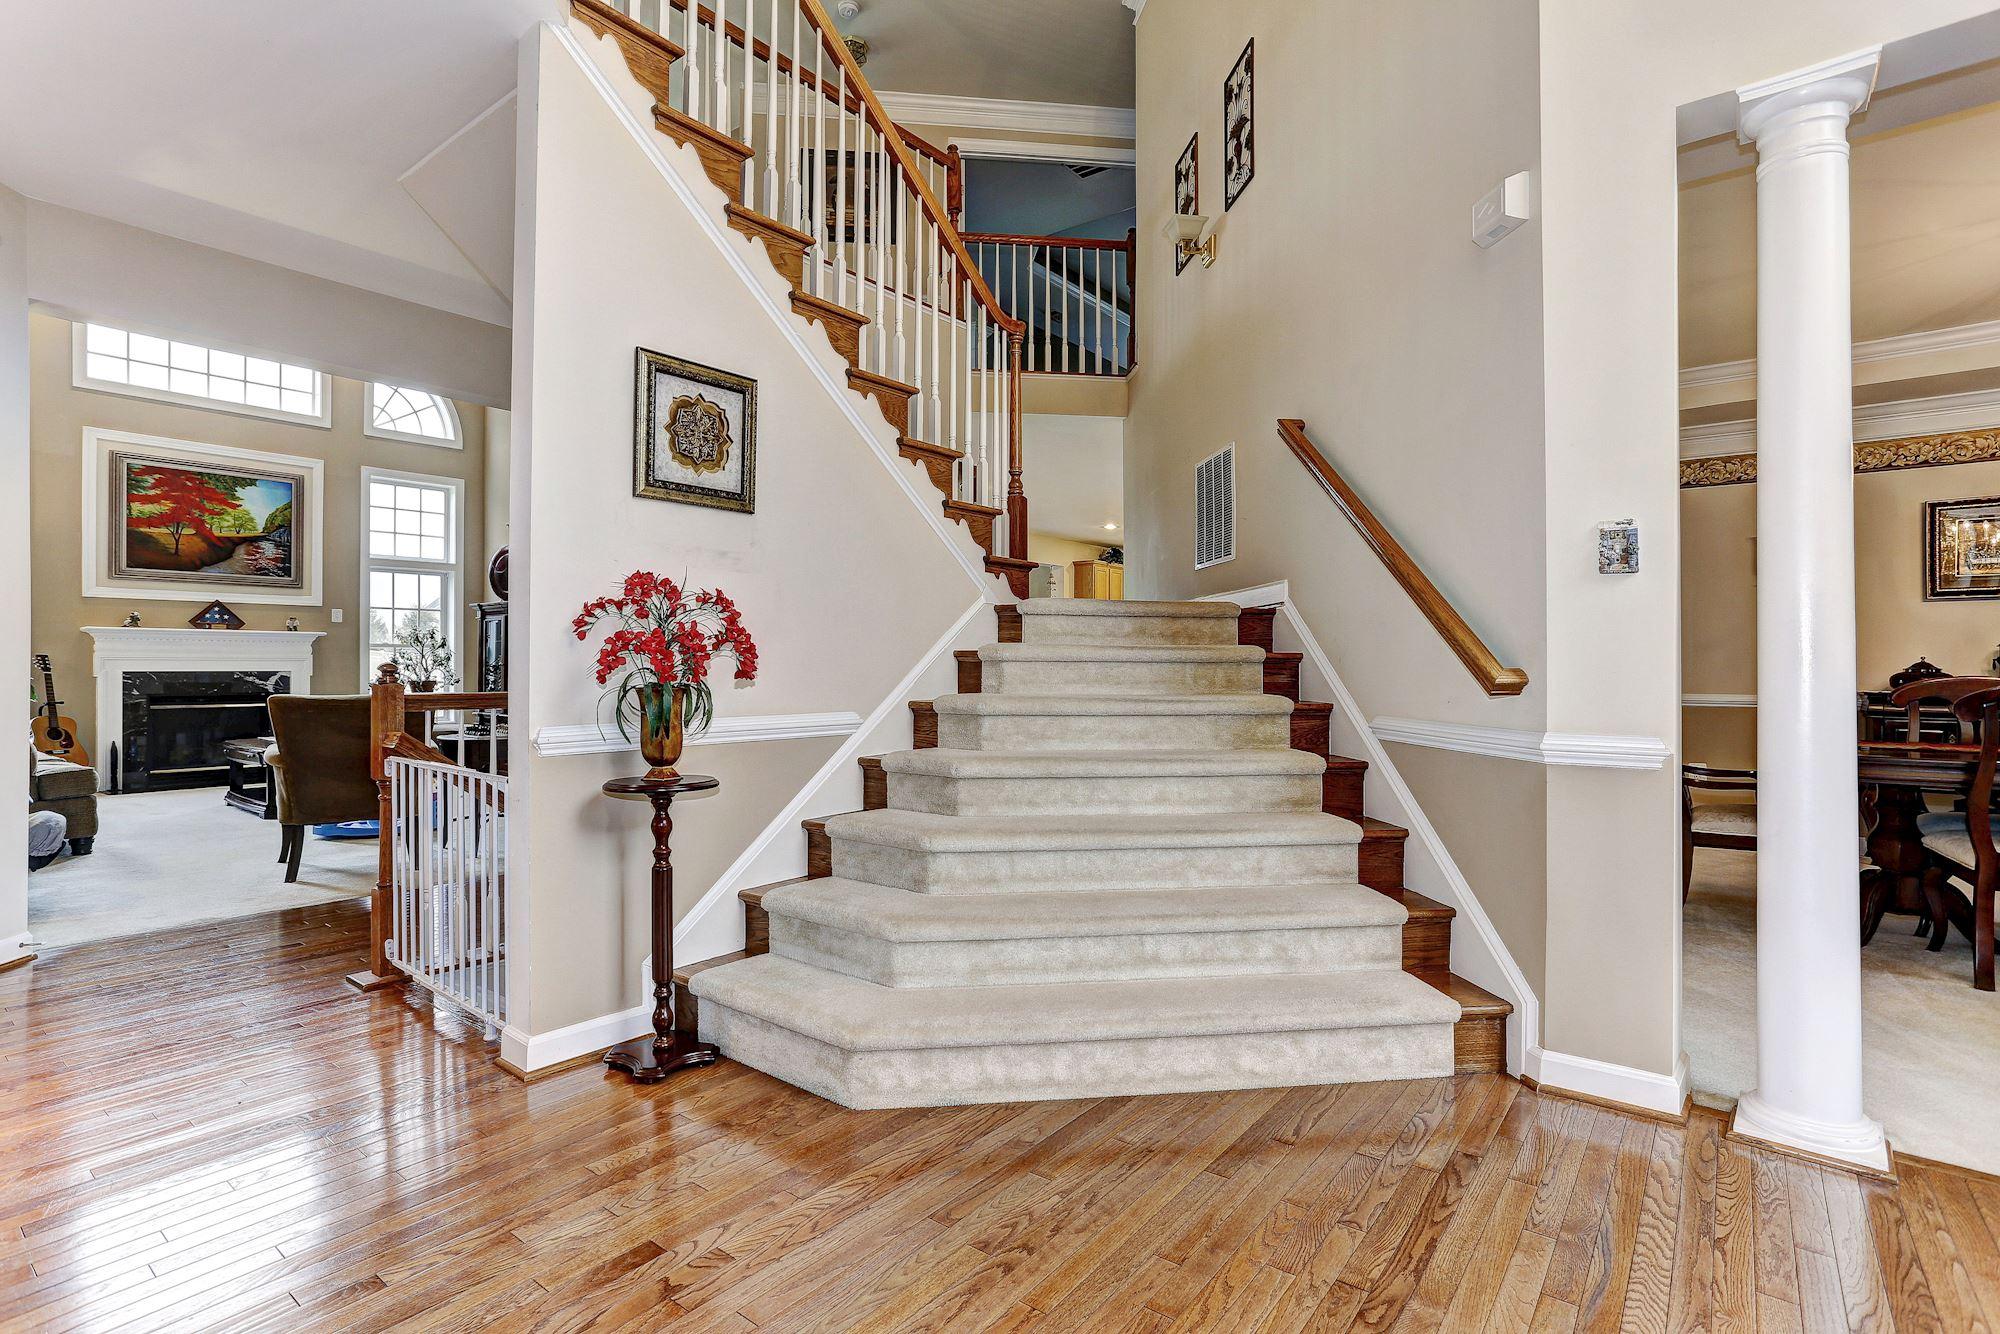 House Foyer Xl : Denit estates dr brookeville md